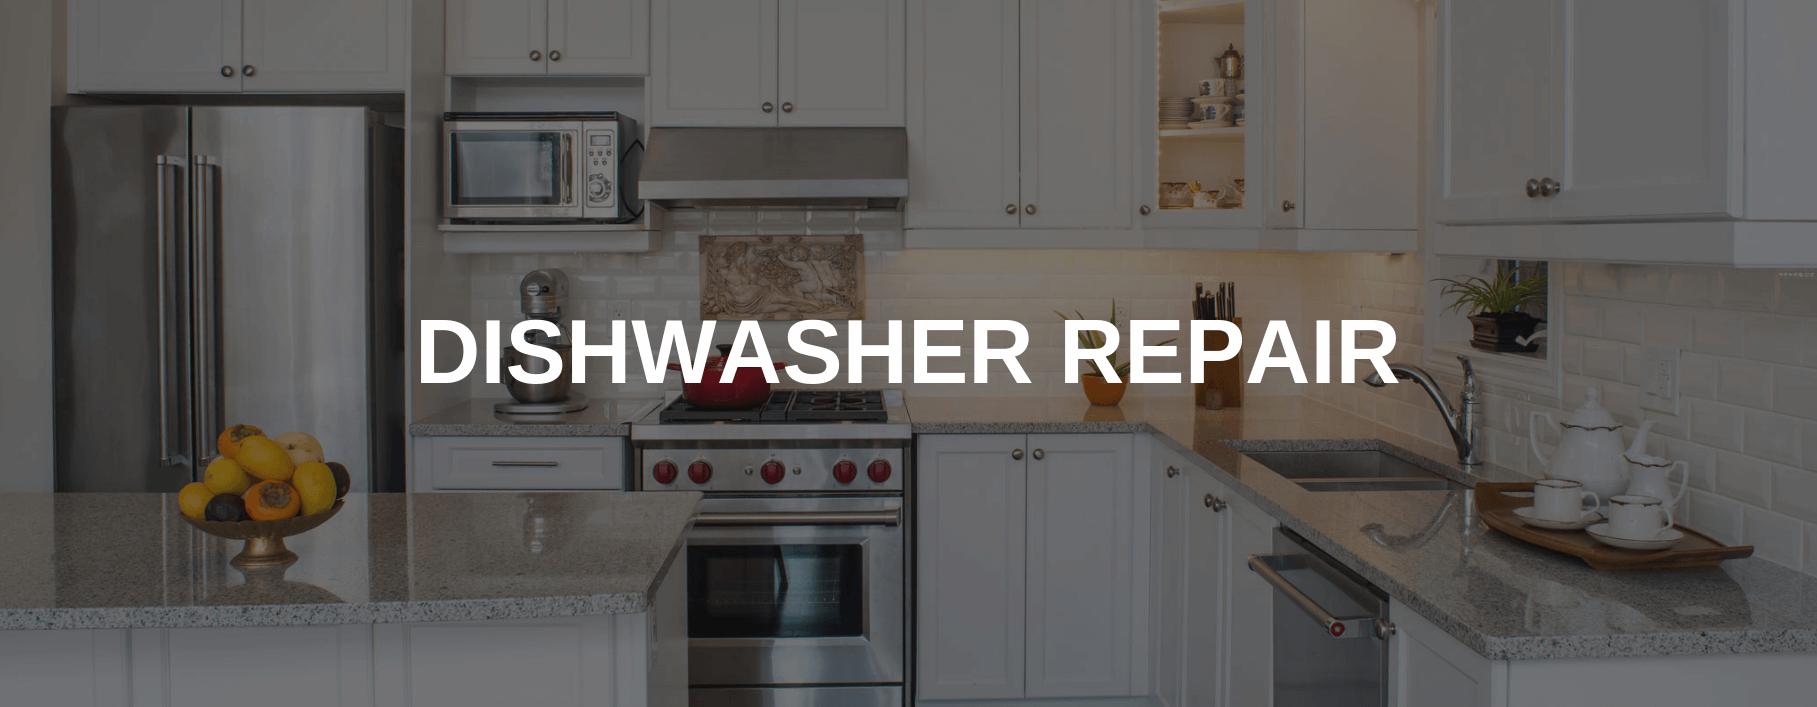 dishwasher repair denton